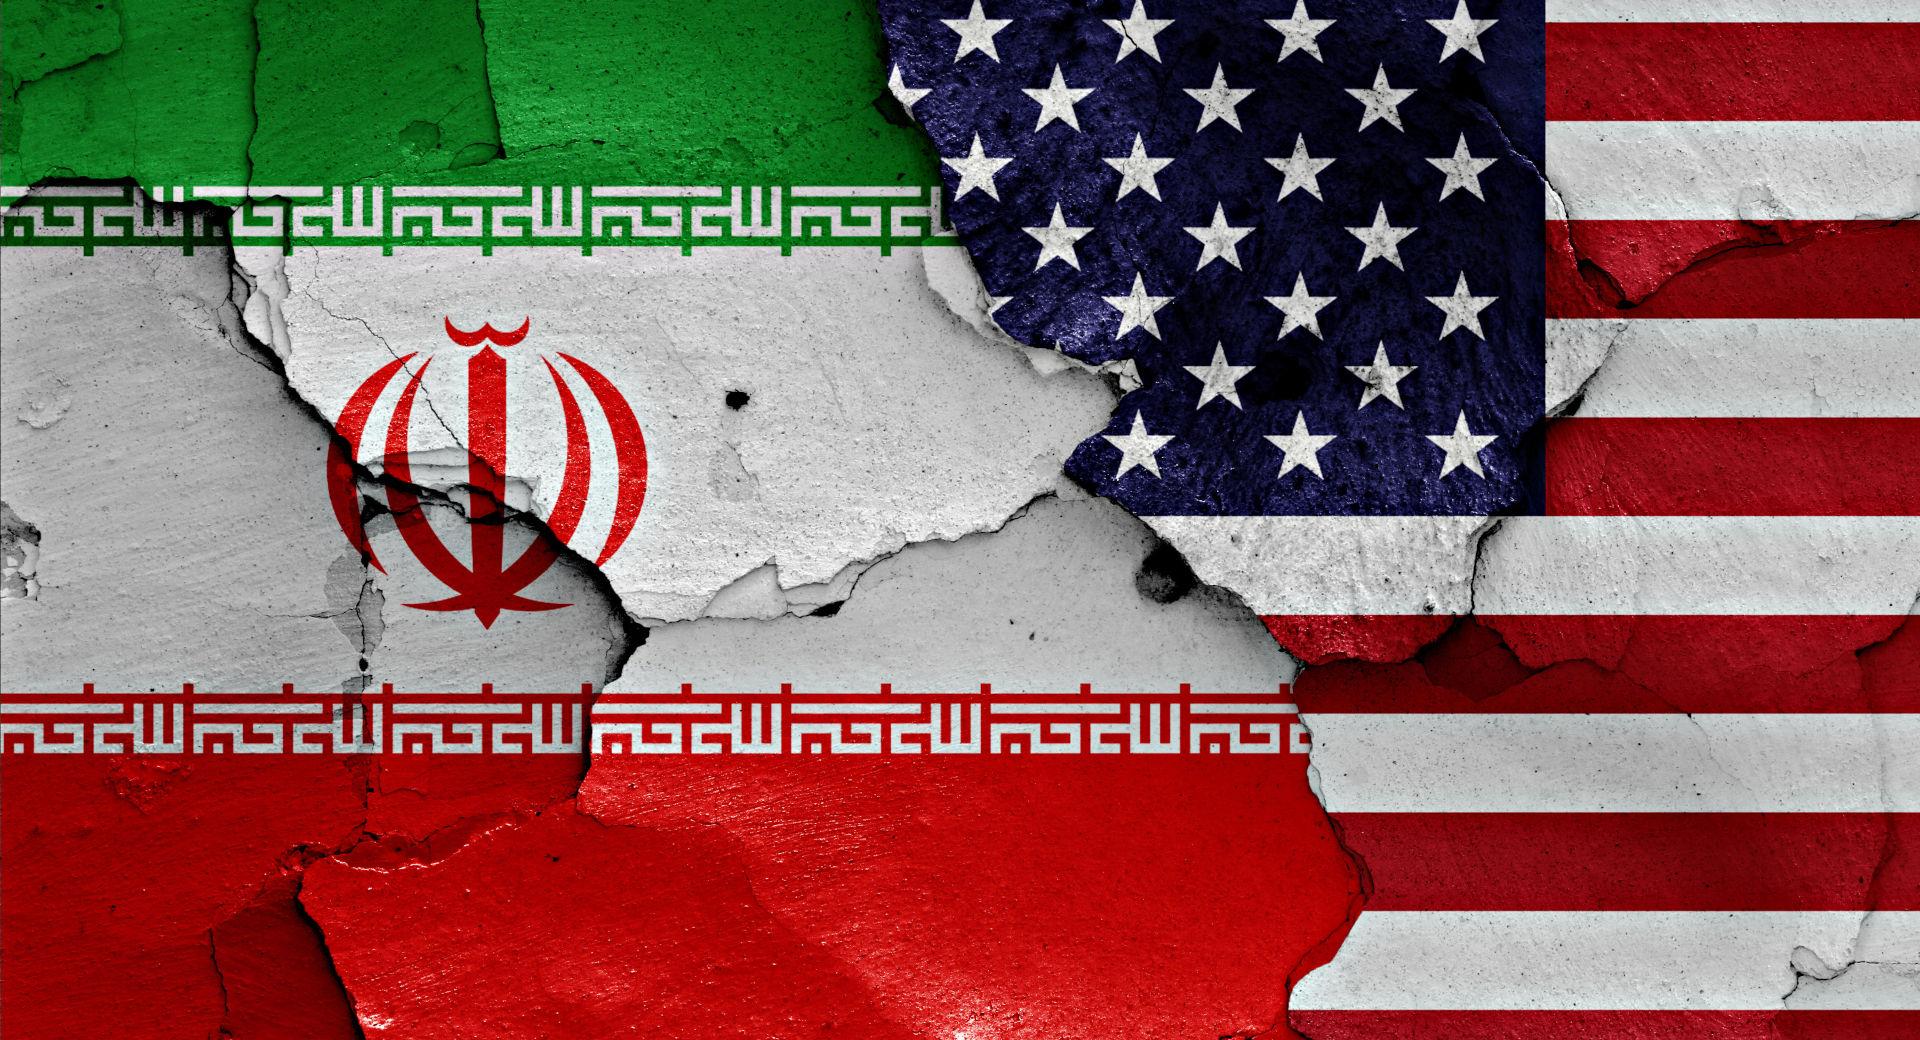 Між США та Іраном виникла гостра криза